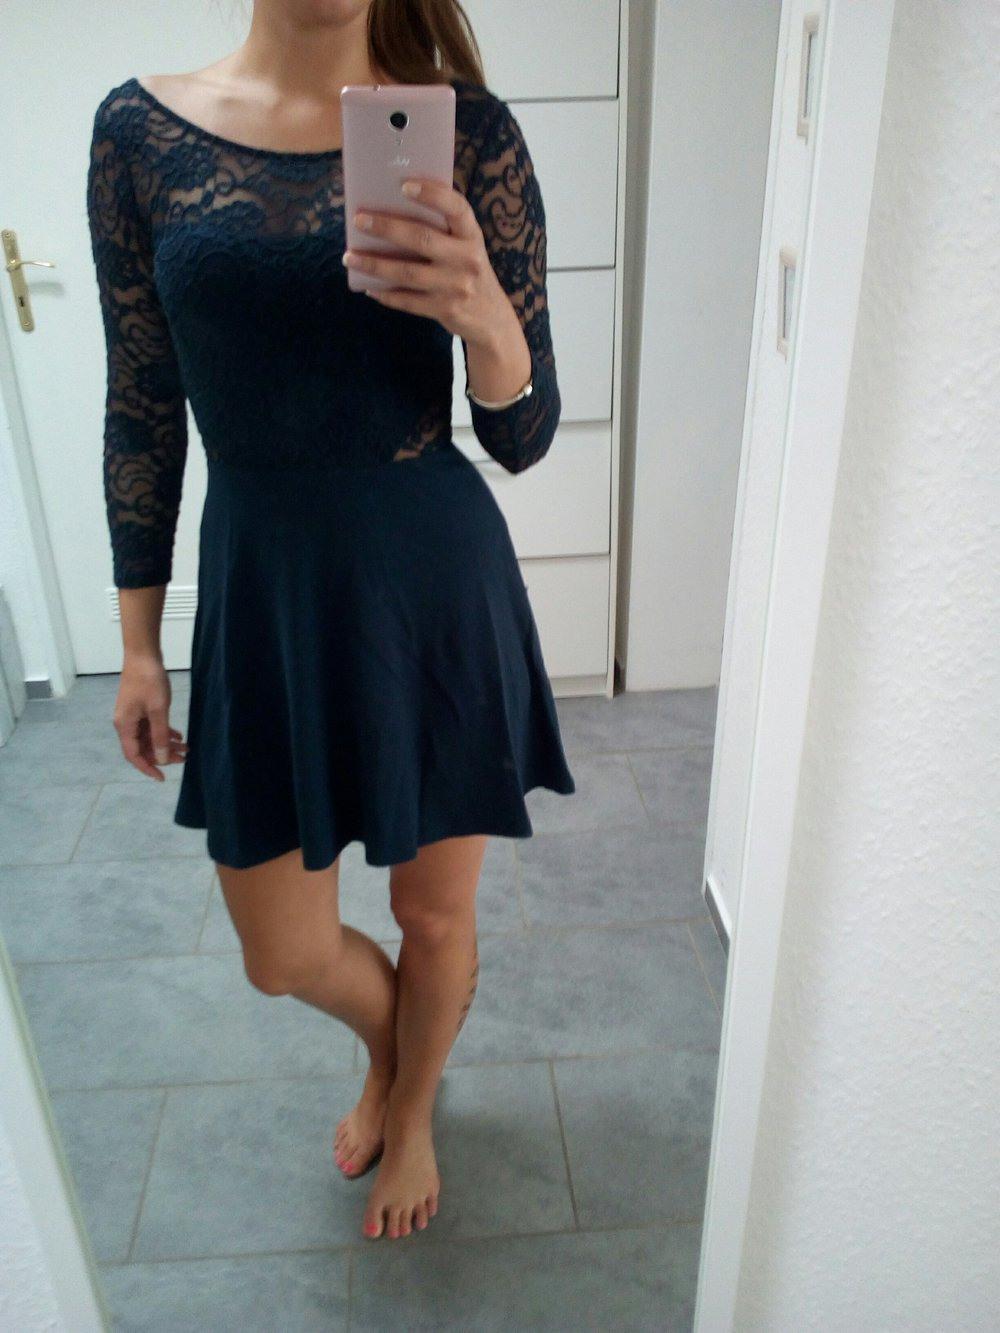 Formal Top Dunkelblaues Kleid Mit Spitze Boutique20 Ausgezeichnet Dunkelblaues Kleid Mit Spitze Boutique